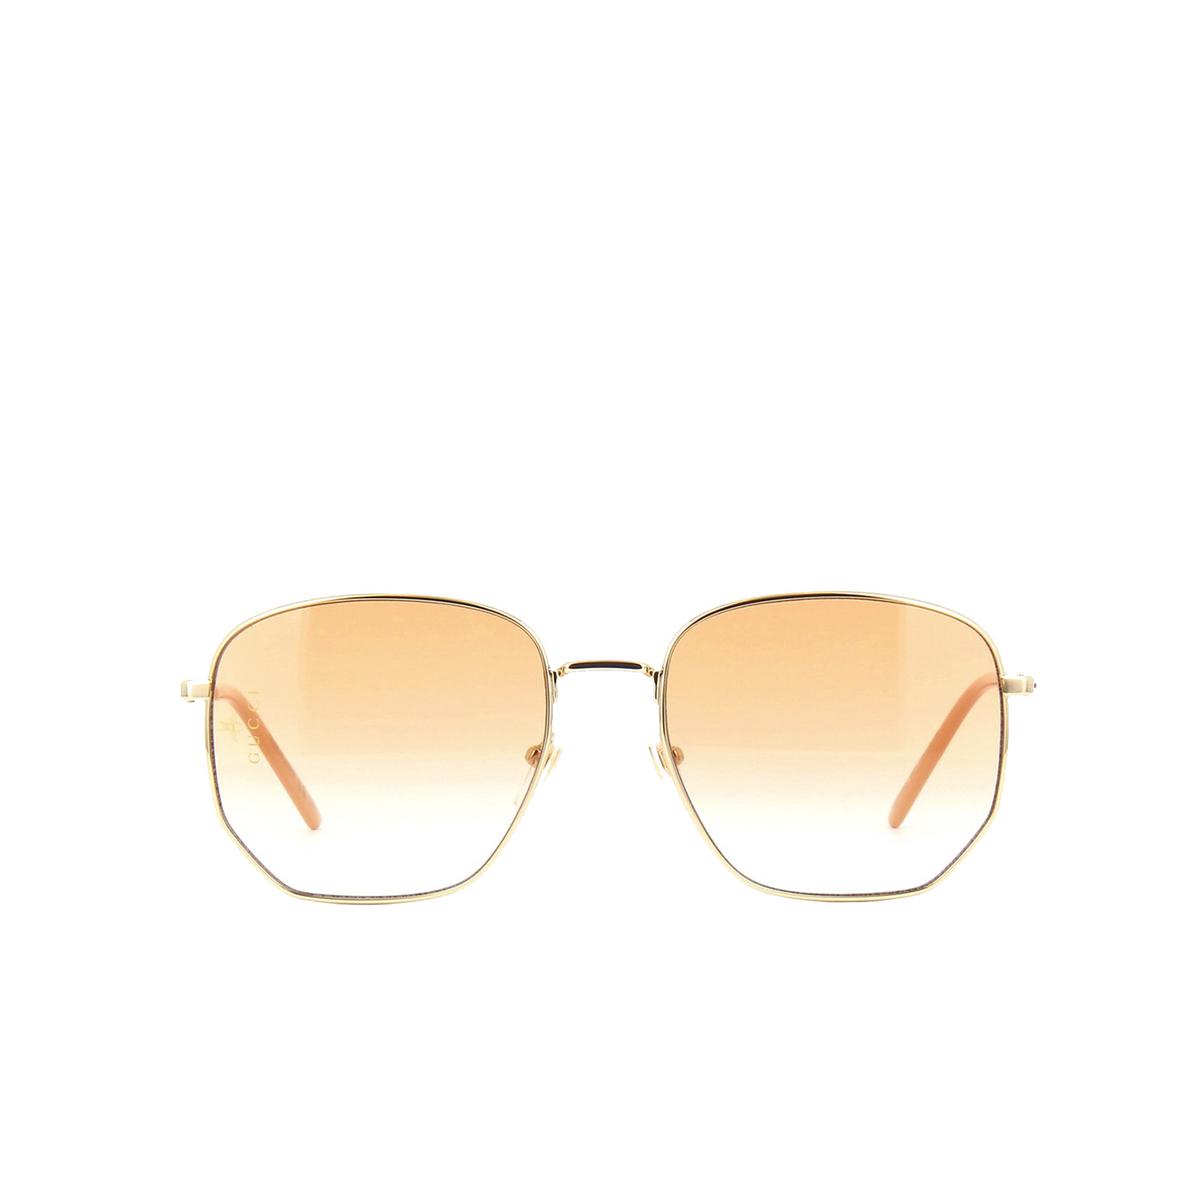 Gucci® Square Sunglasses: GG0396S color Gold 003.